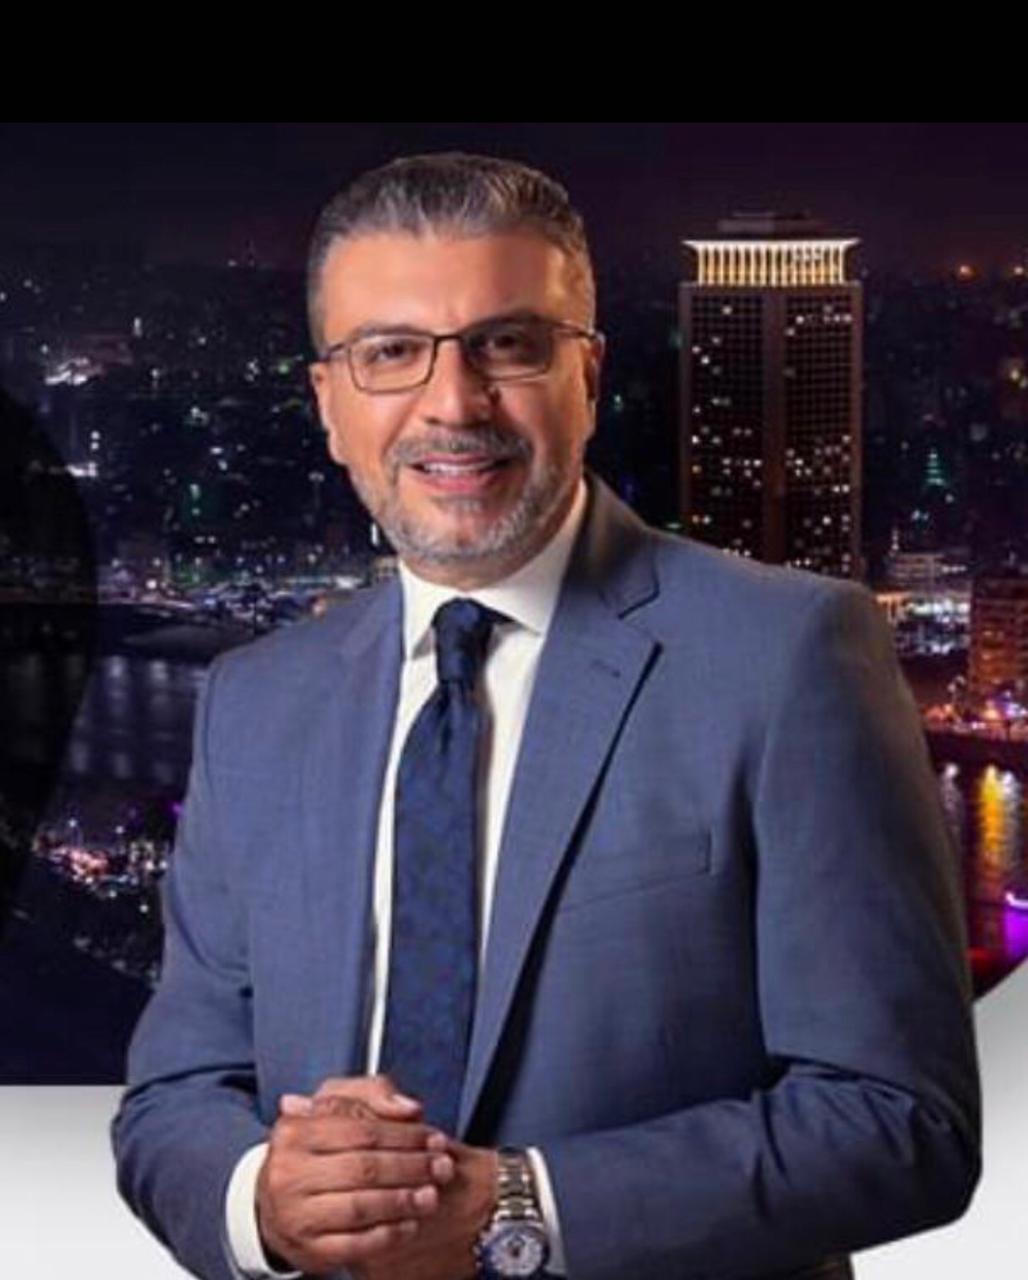 رئيس اتحاد الإذاعات الإسلامية يهنئ العاملين بماسبيرو بمناسبة  ذكري البث الأول للتليفزيون